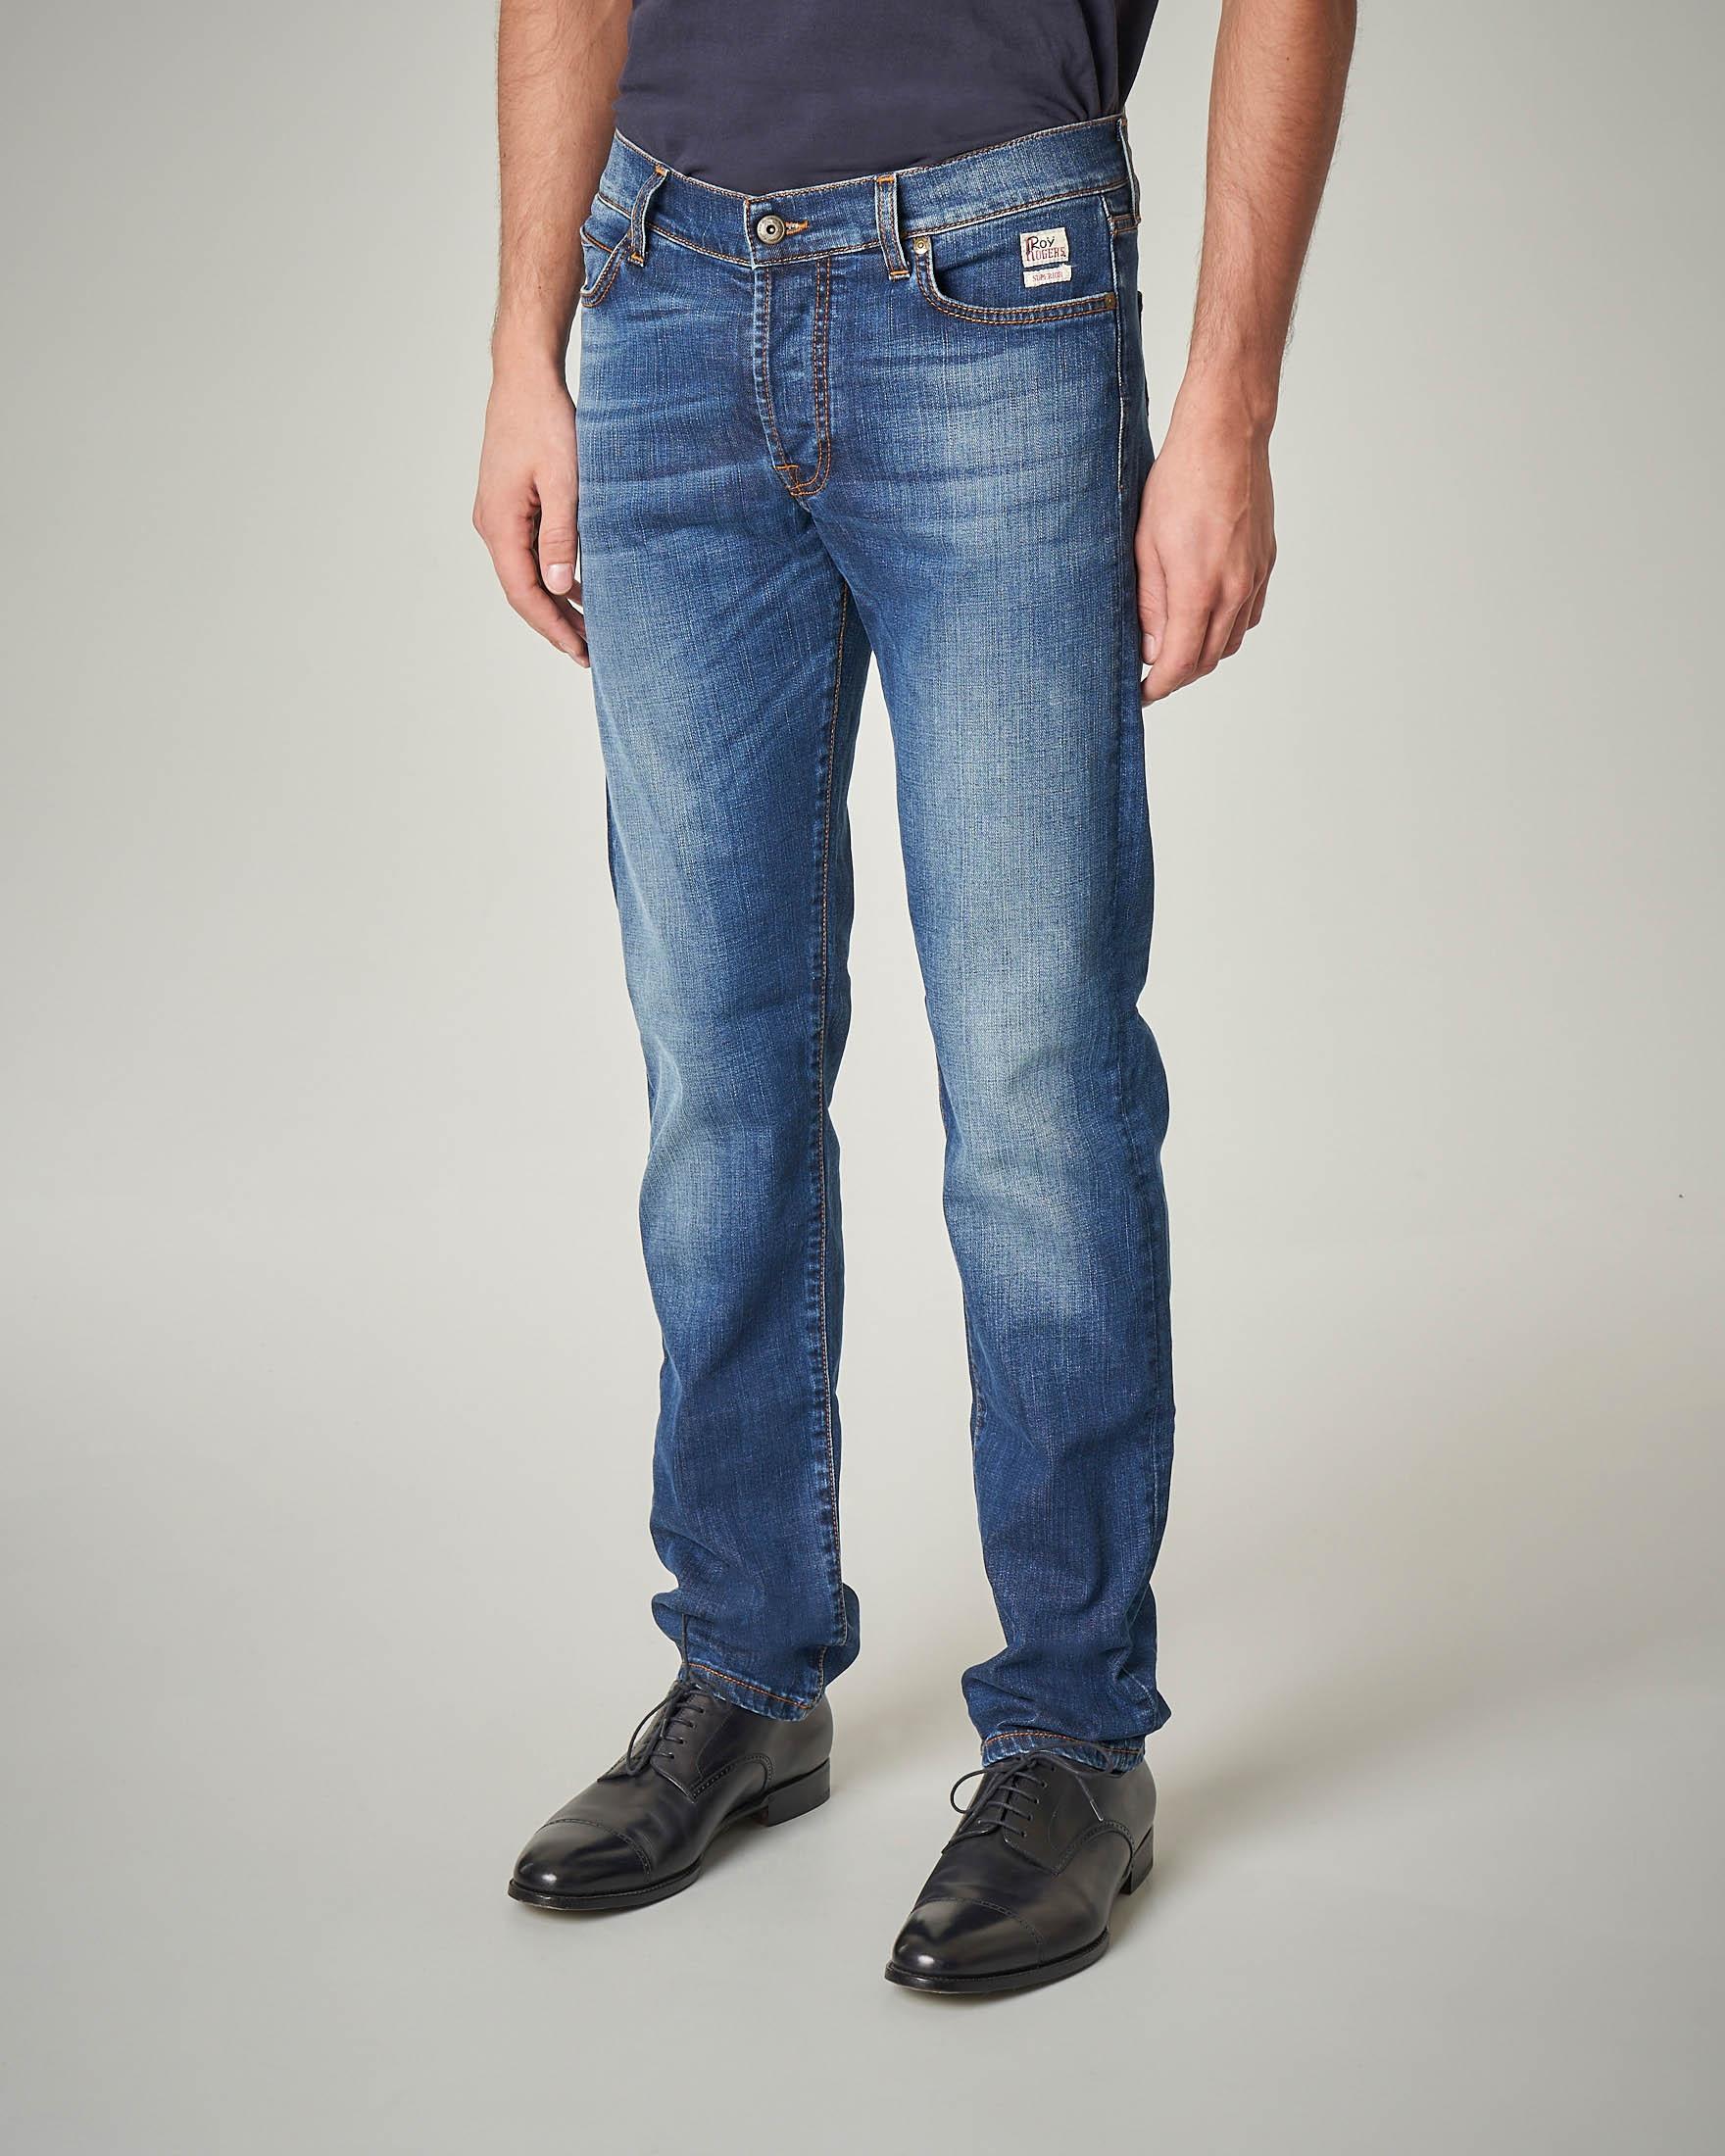 Jeans lavaggio medio-chiaro con sbiancature e vita alta